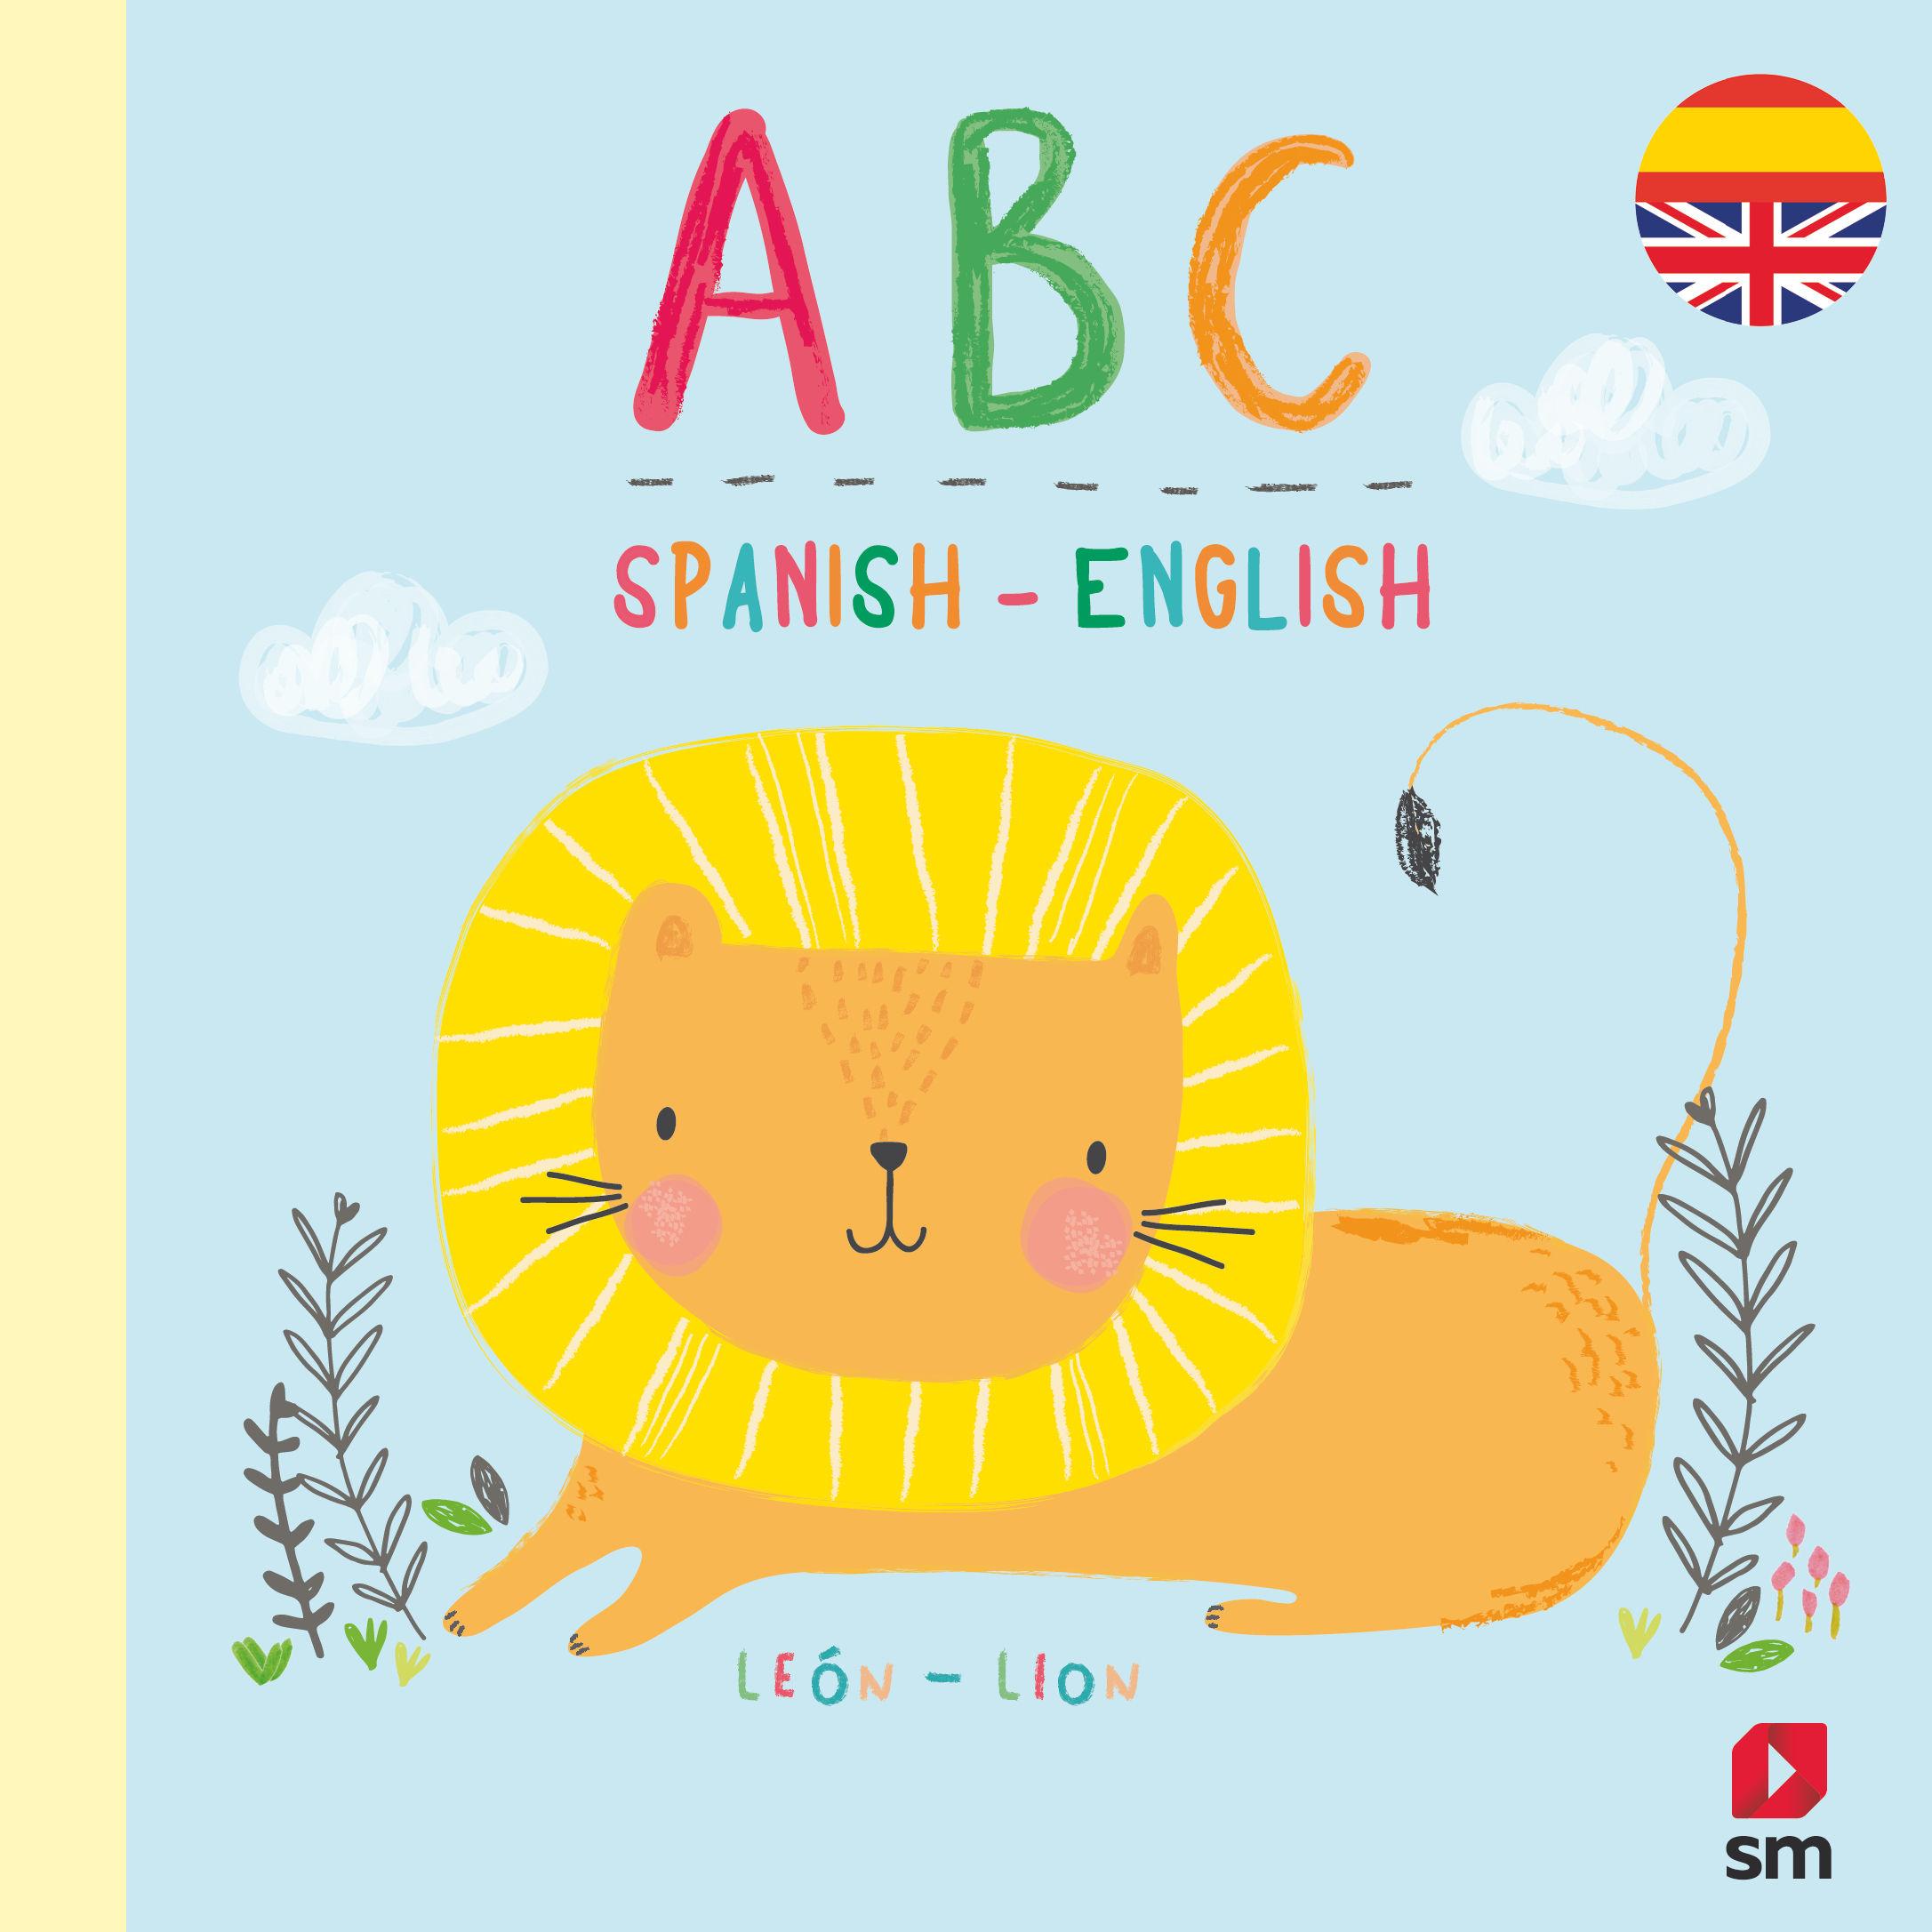 ABC SPANISH ENGLISH